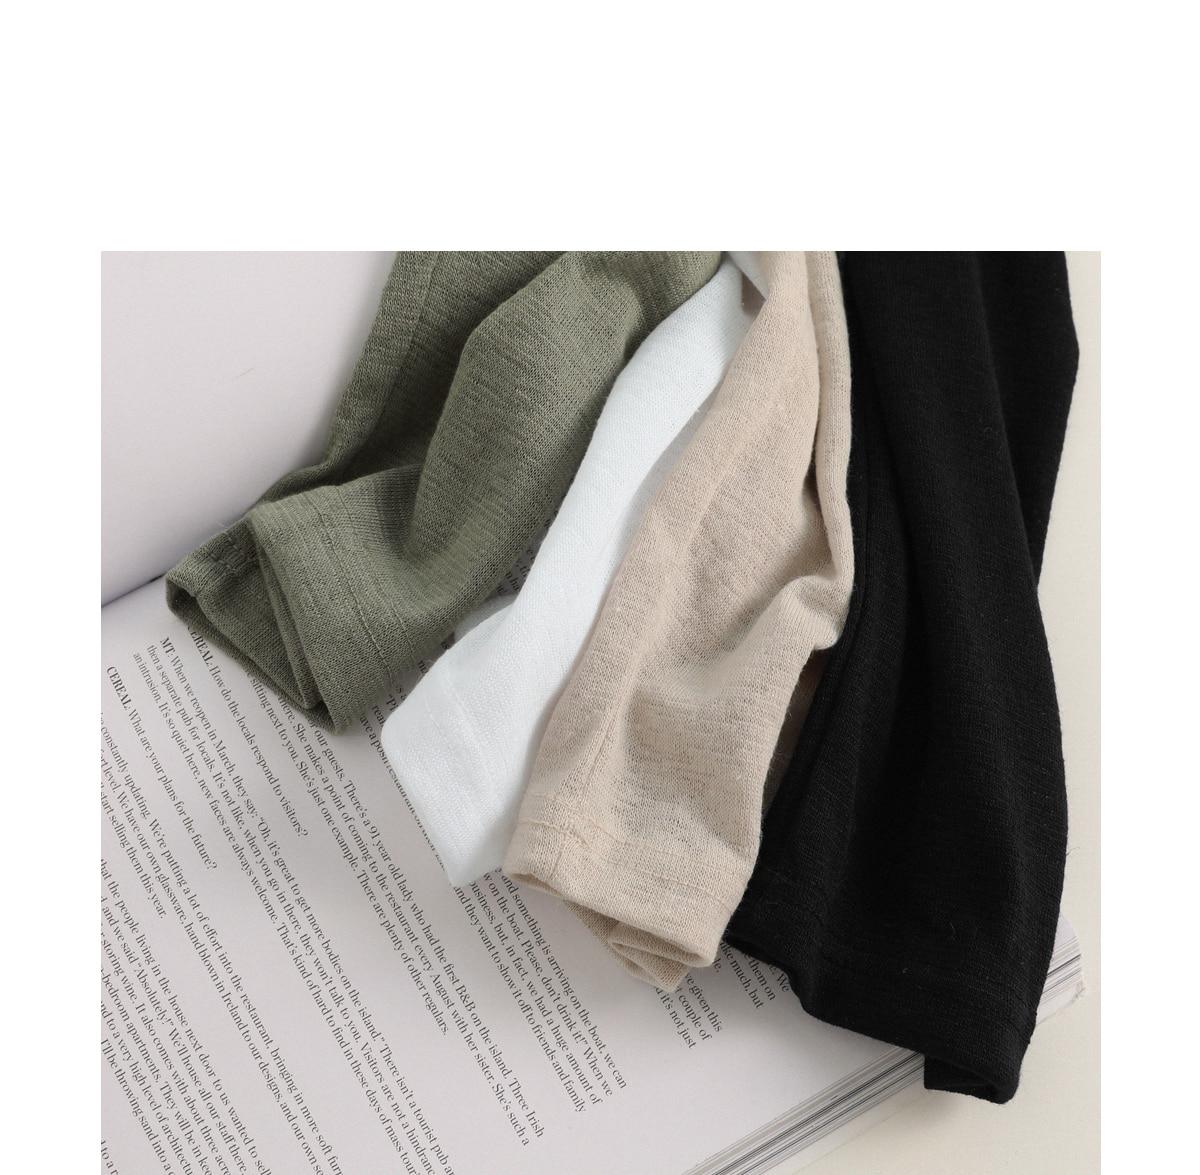 Delivering linen cardigan